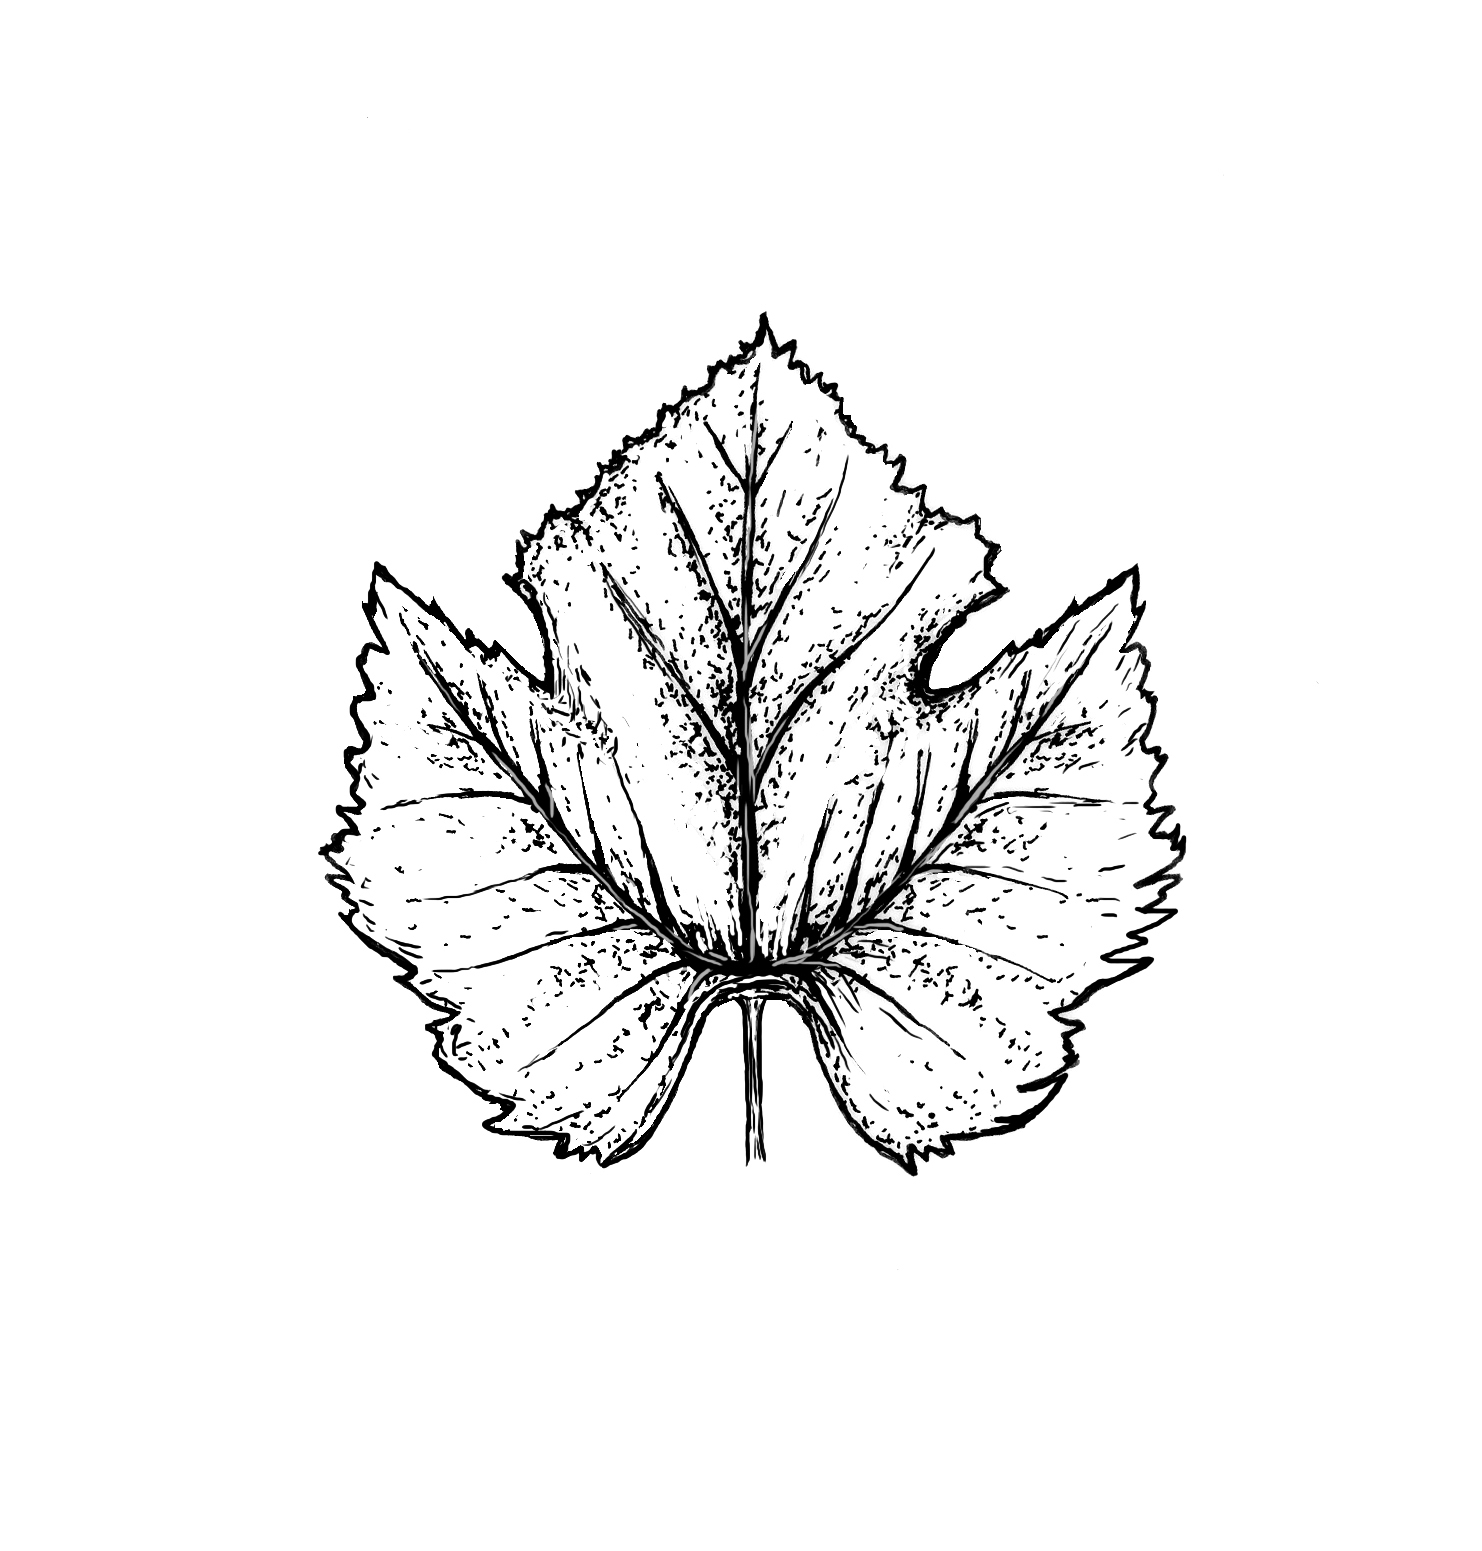 malbec-leaf.jpg